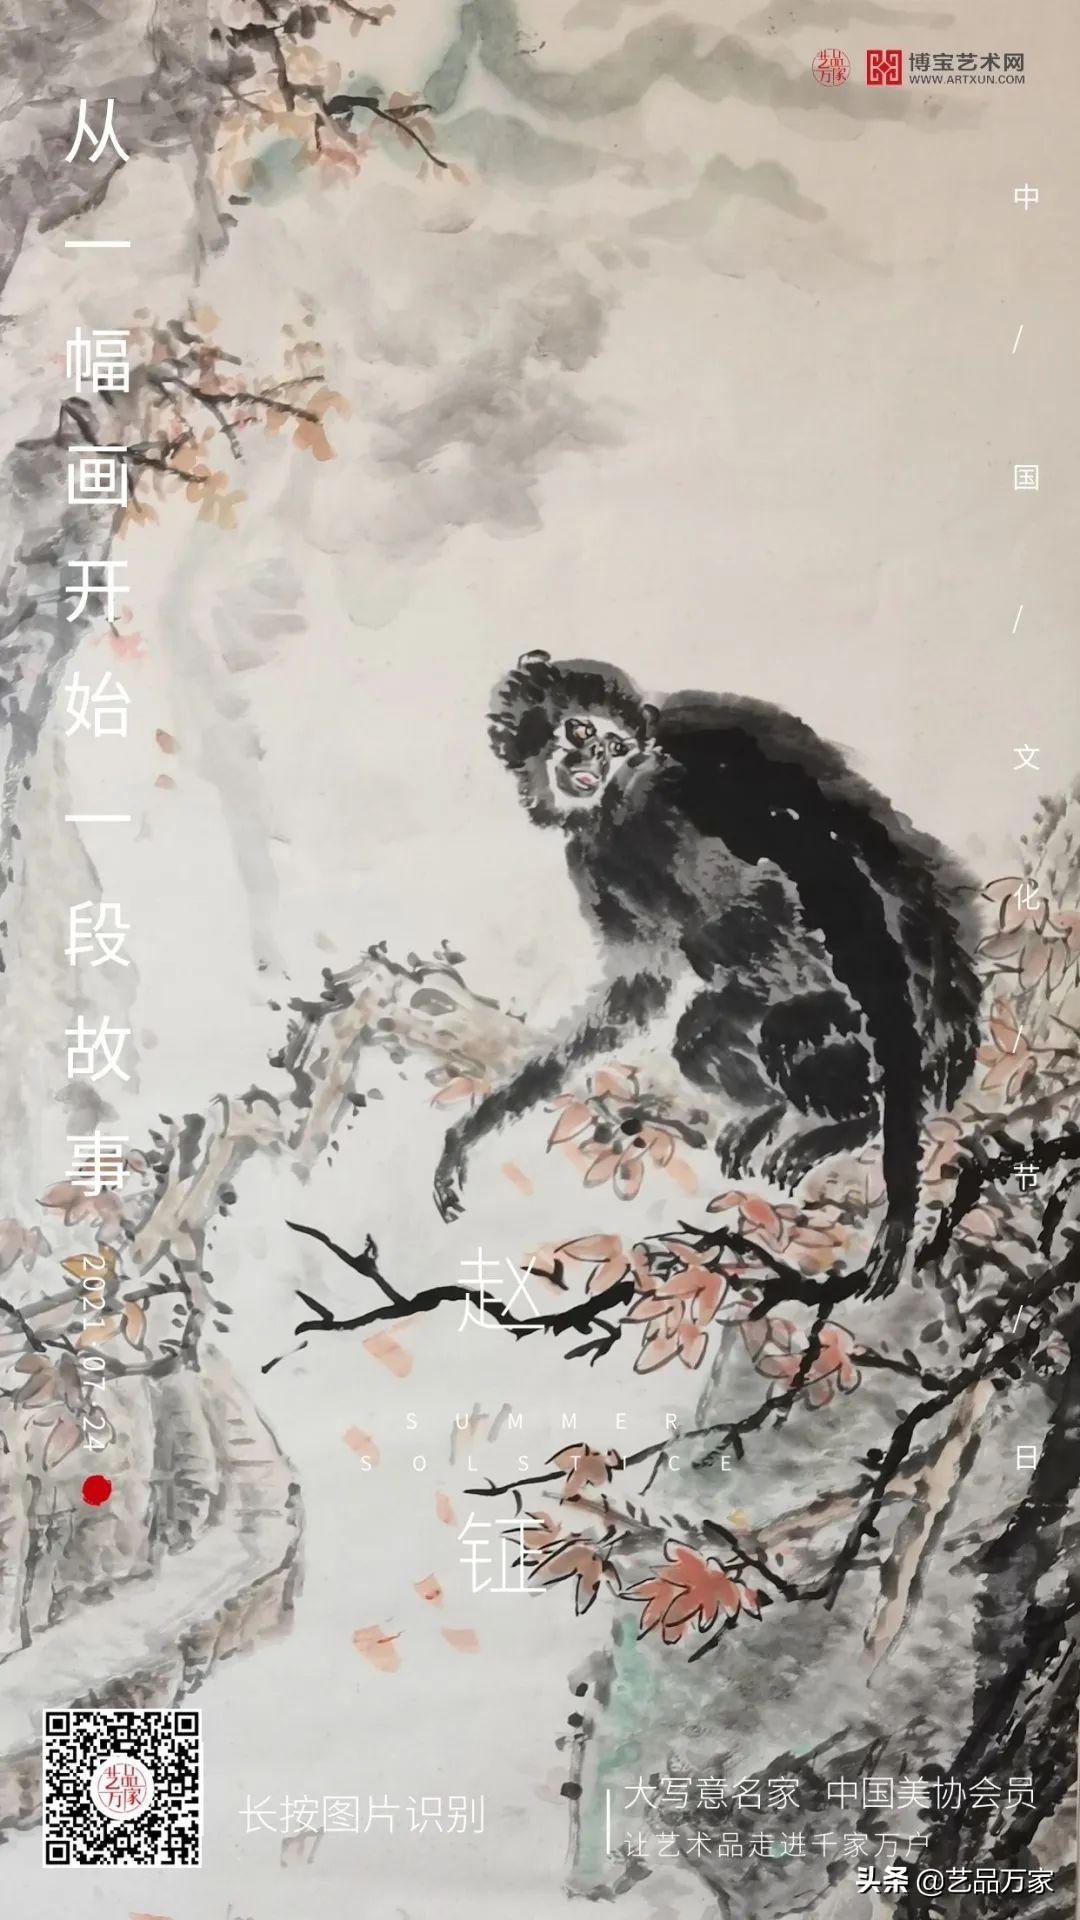 从一幅画开始一段故事|<a href=http://diaozheng.artist.artxun.com/ target=